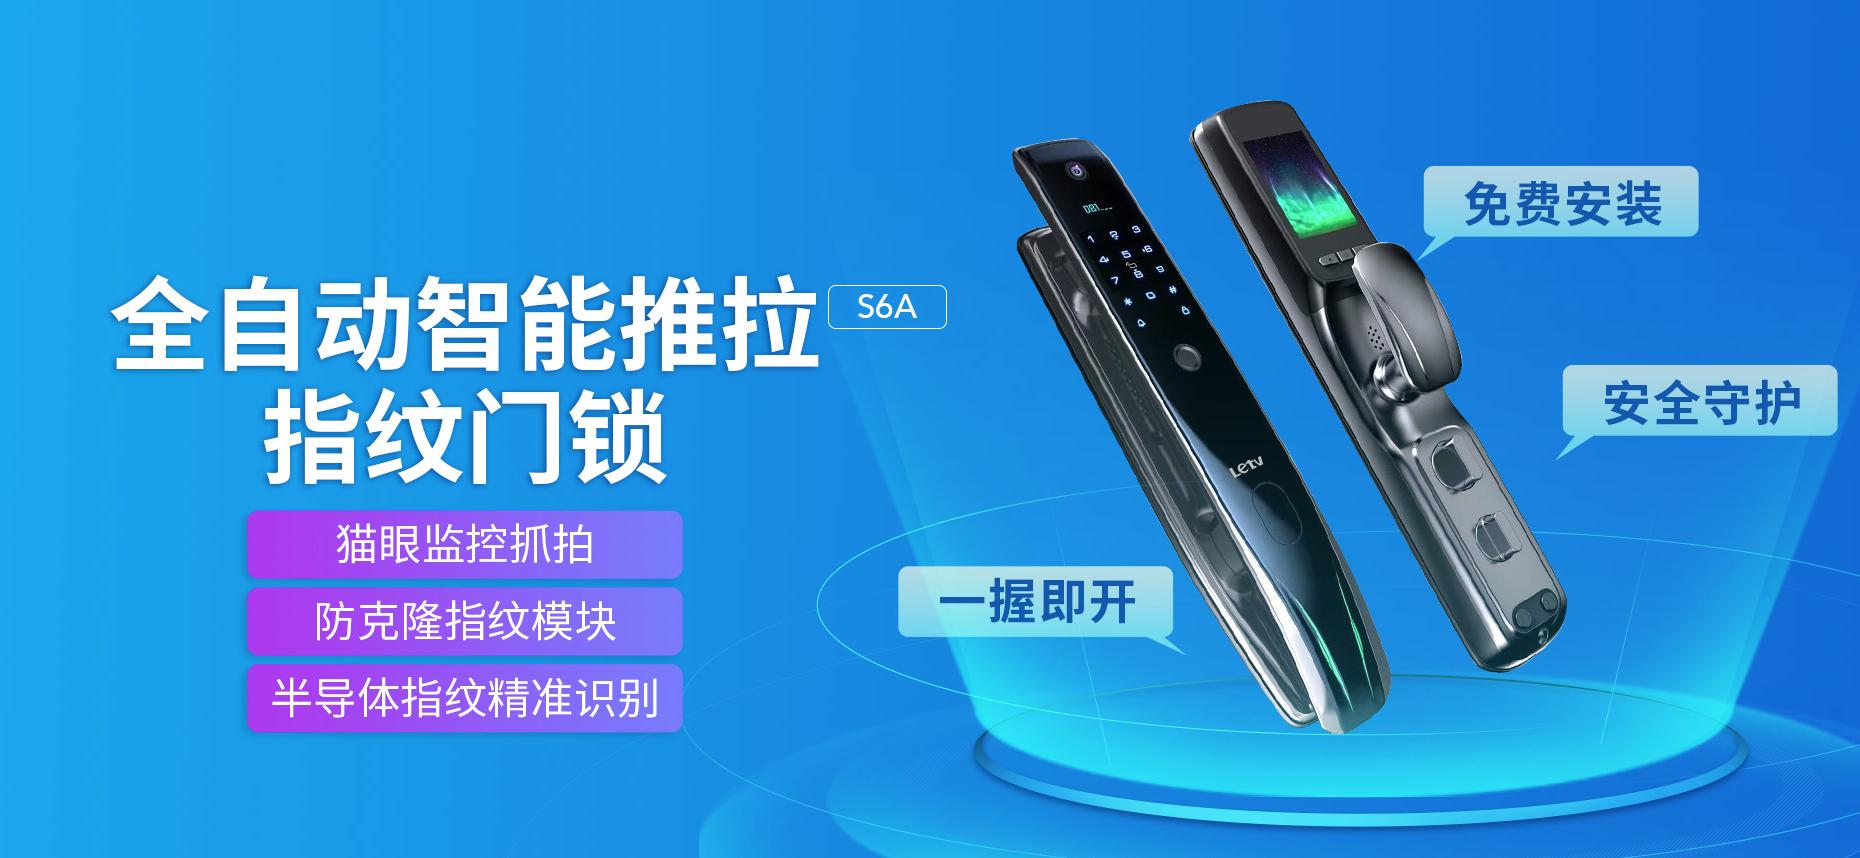 2K价位看门神器 乐视全自动智能门锁S6A成小米Pro强劲对手!